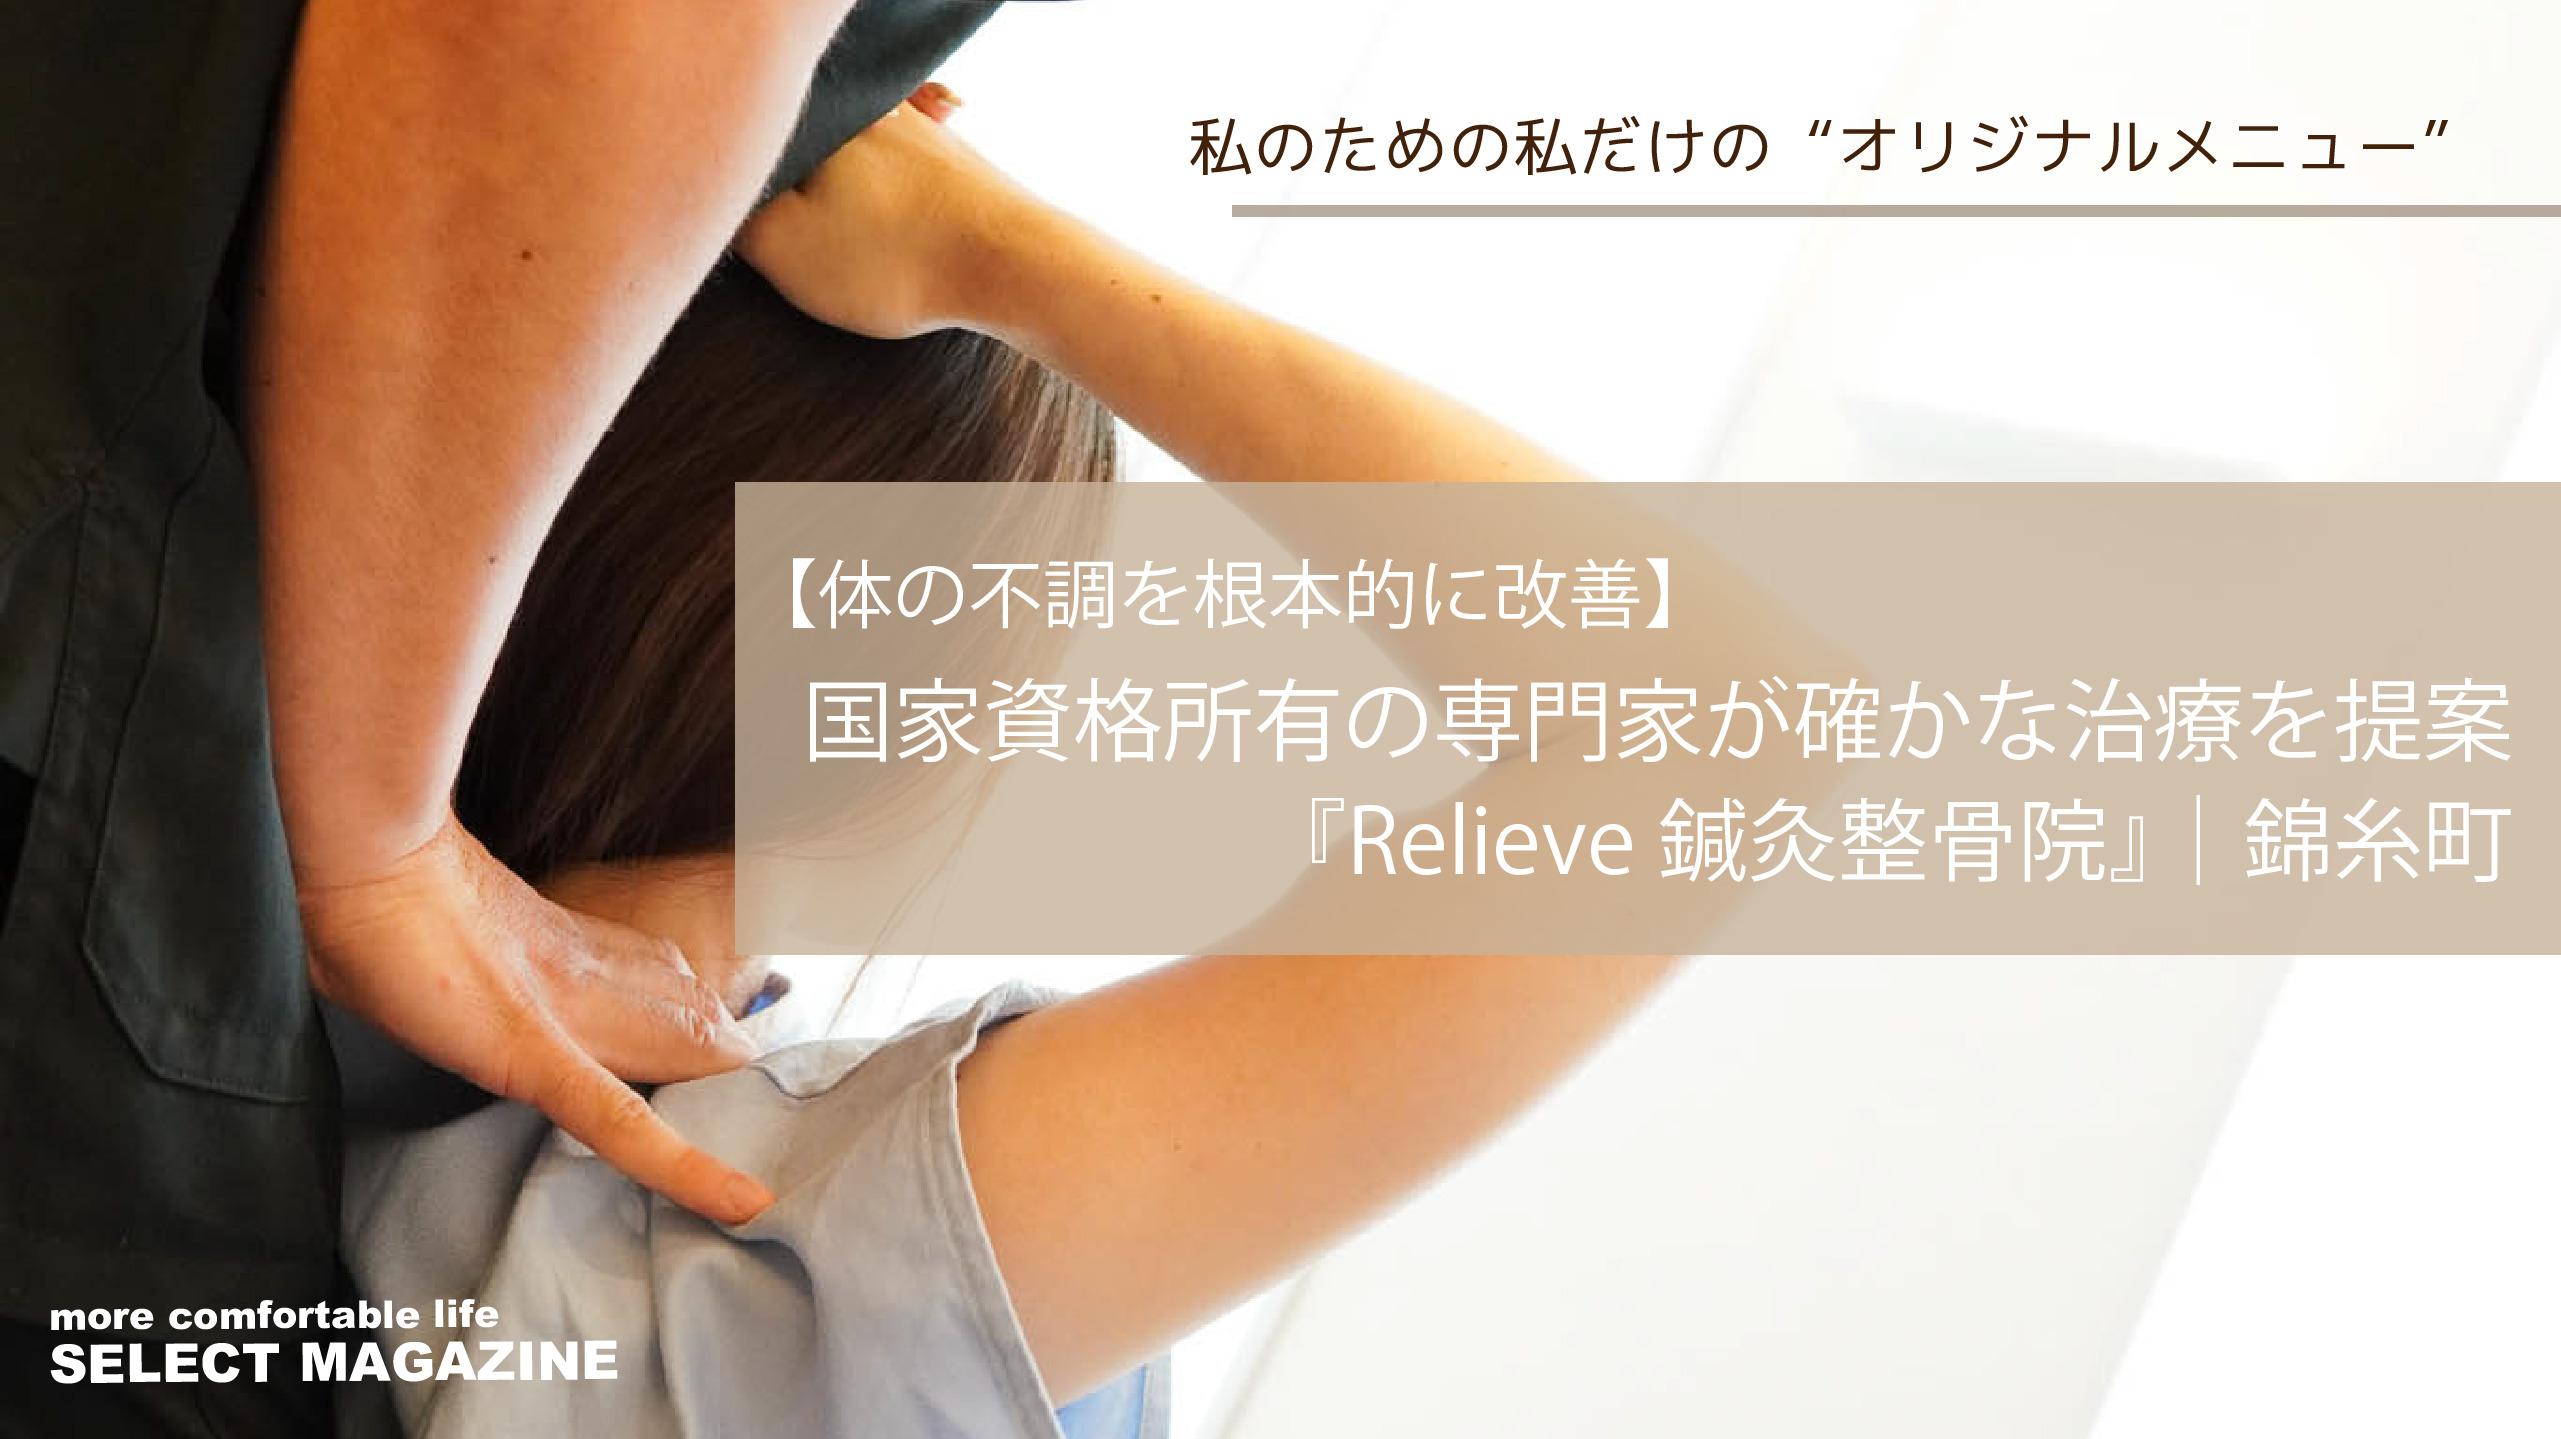 【体の不調を根本的に改善】国家資格所有の専門家が確かな治療を提案『Relieve鍼灸整骨院』 錦糸町